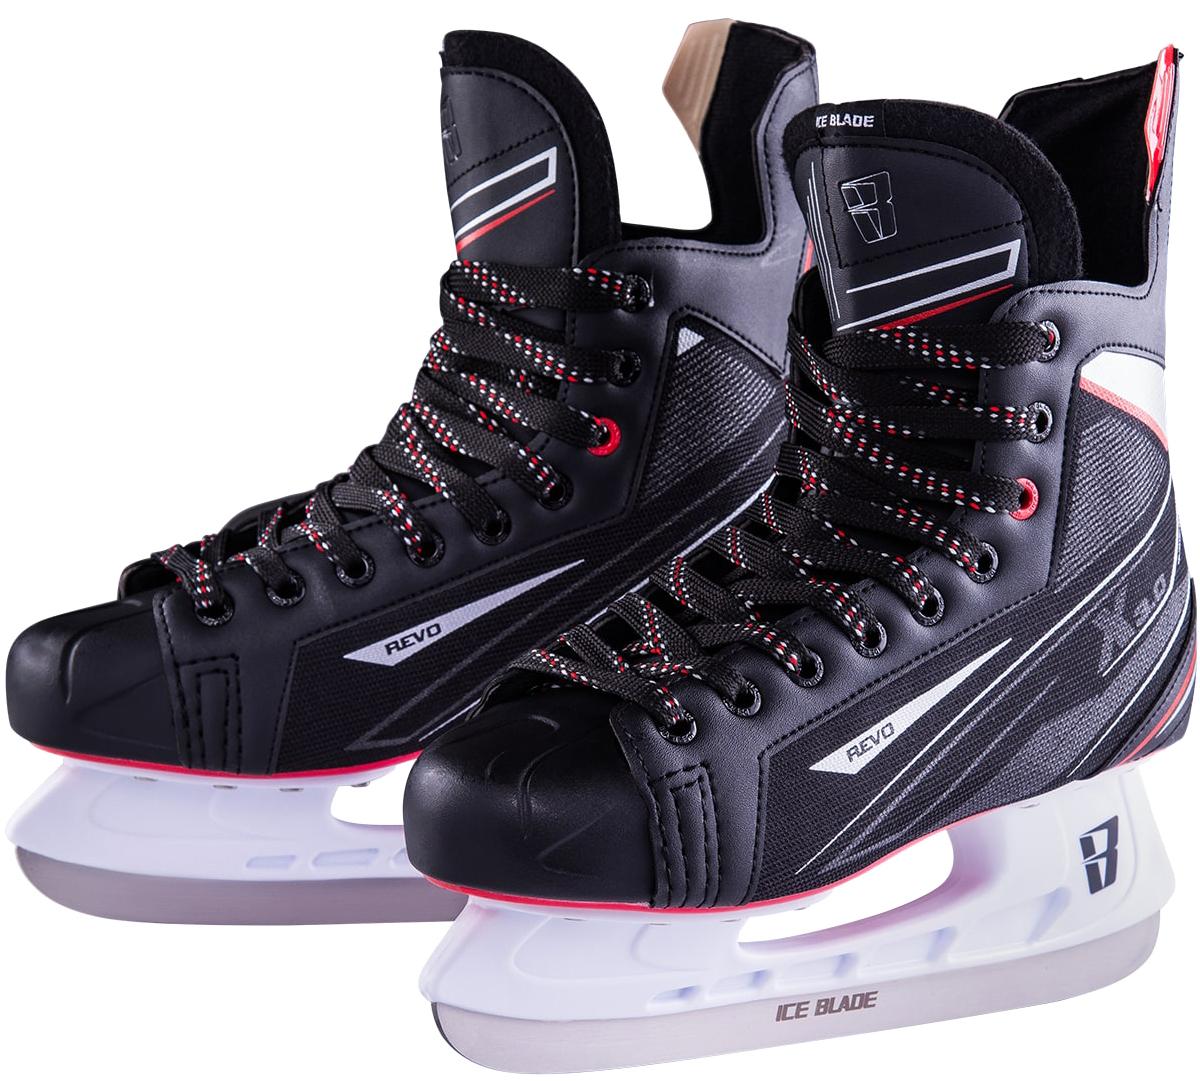 """Хоккейные коньки Ice Blade """"Revo"""" являются официальной лицензионной продукцией Континентальной Хоккейной Лиги (КХЛ). Это прекрасная любительская модель коньков с уникальным стильным ассиметричным дизайном, выполненным в новой стилистической концепции КХЛ. Модель выполнена из износостойких материалов, устойчивых к порезам. Усиленная жесткость ботинка для более уверенного катания. Дополнительные вставки из EVA и MEMORY foam обеспечат комфорт. Лезвие выполнено из высокоуглеродистой стали с покрытием из никеля. Шнуровка надежно зафиксирует модель на ноге.  Коньки подходят для использования на открытом и закрытом льду."""